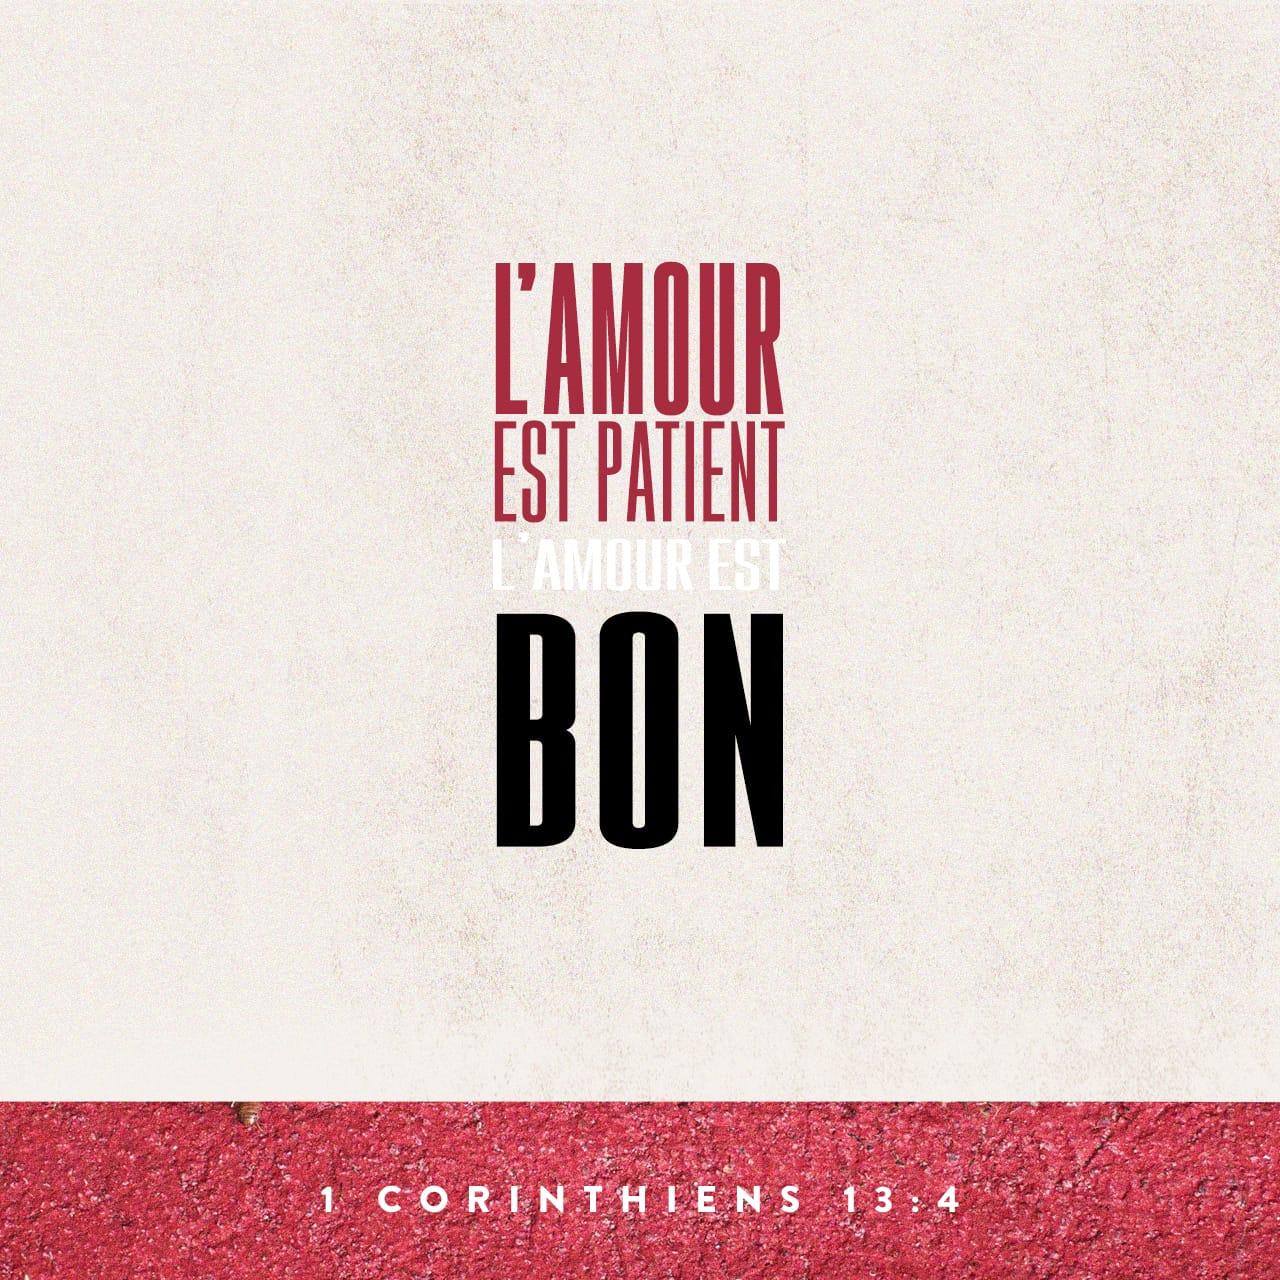 L'amour est patient, il est plein de bonté. - 1 Corinthiens 13:4 - Verset illustré